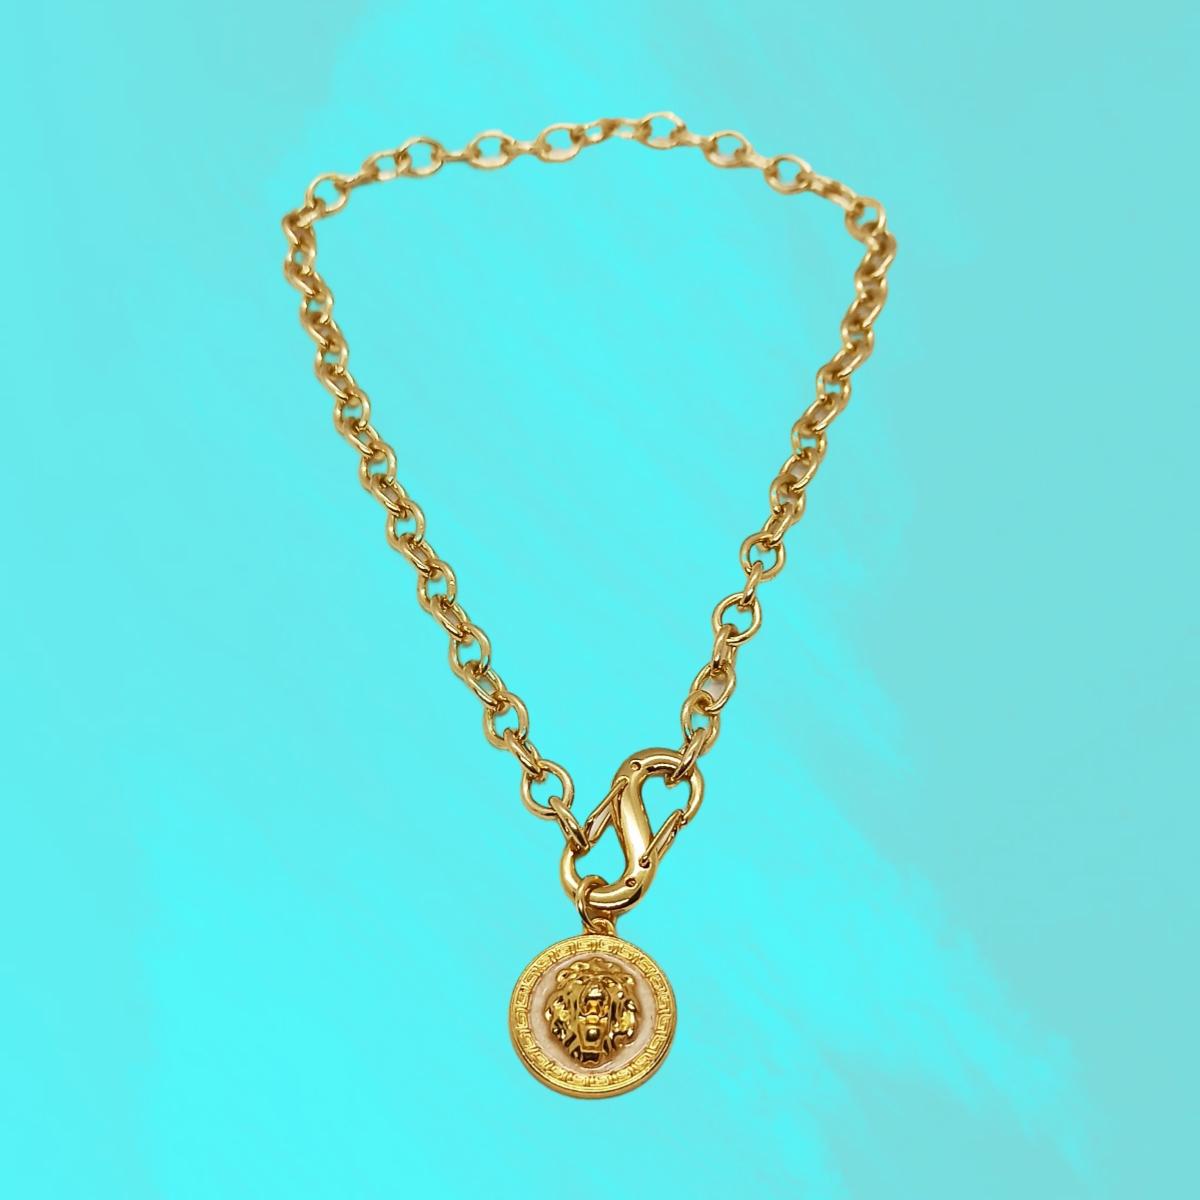 Colar / Corrente Medalha Leão, Esmaltado Perolizado, Dourado.